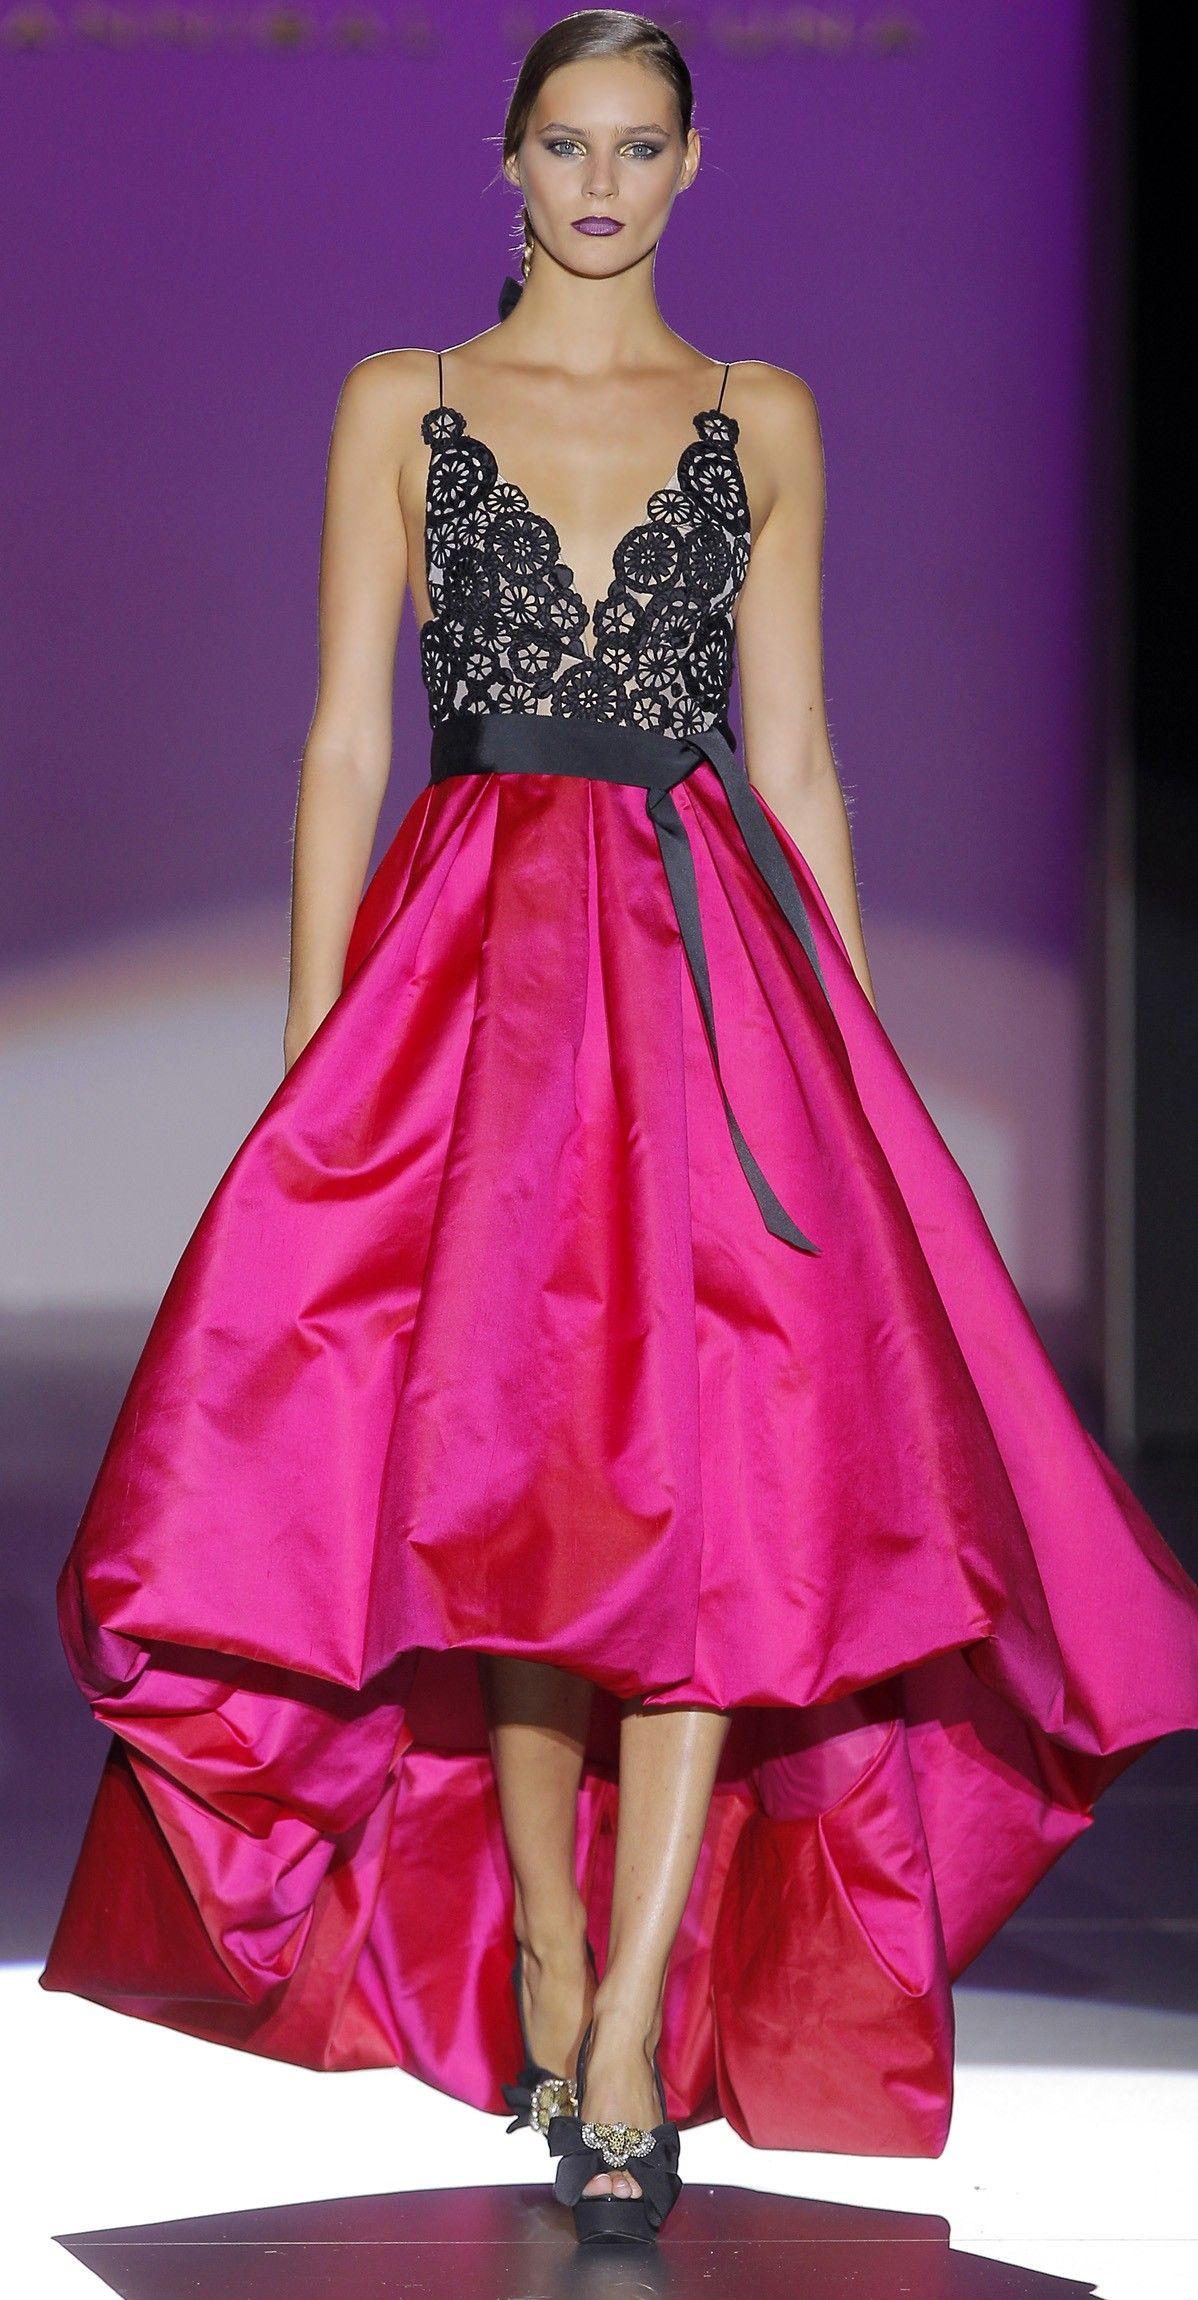 Vestidos de Fiesta - Colección 2013 Hannibal Laguna | Fashion&moda ...